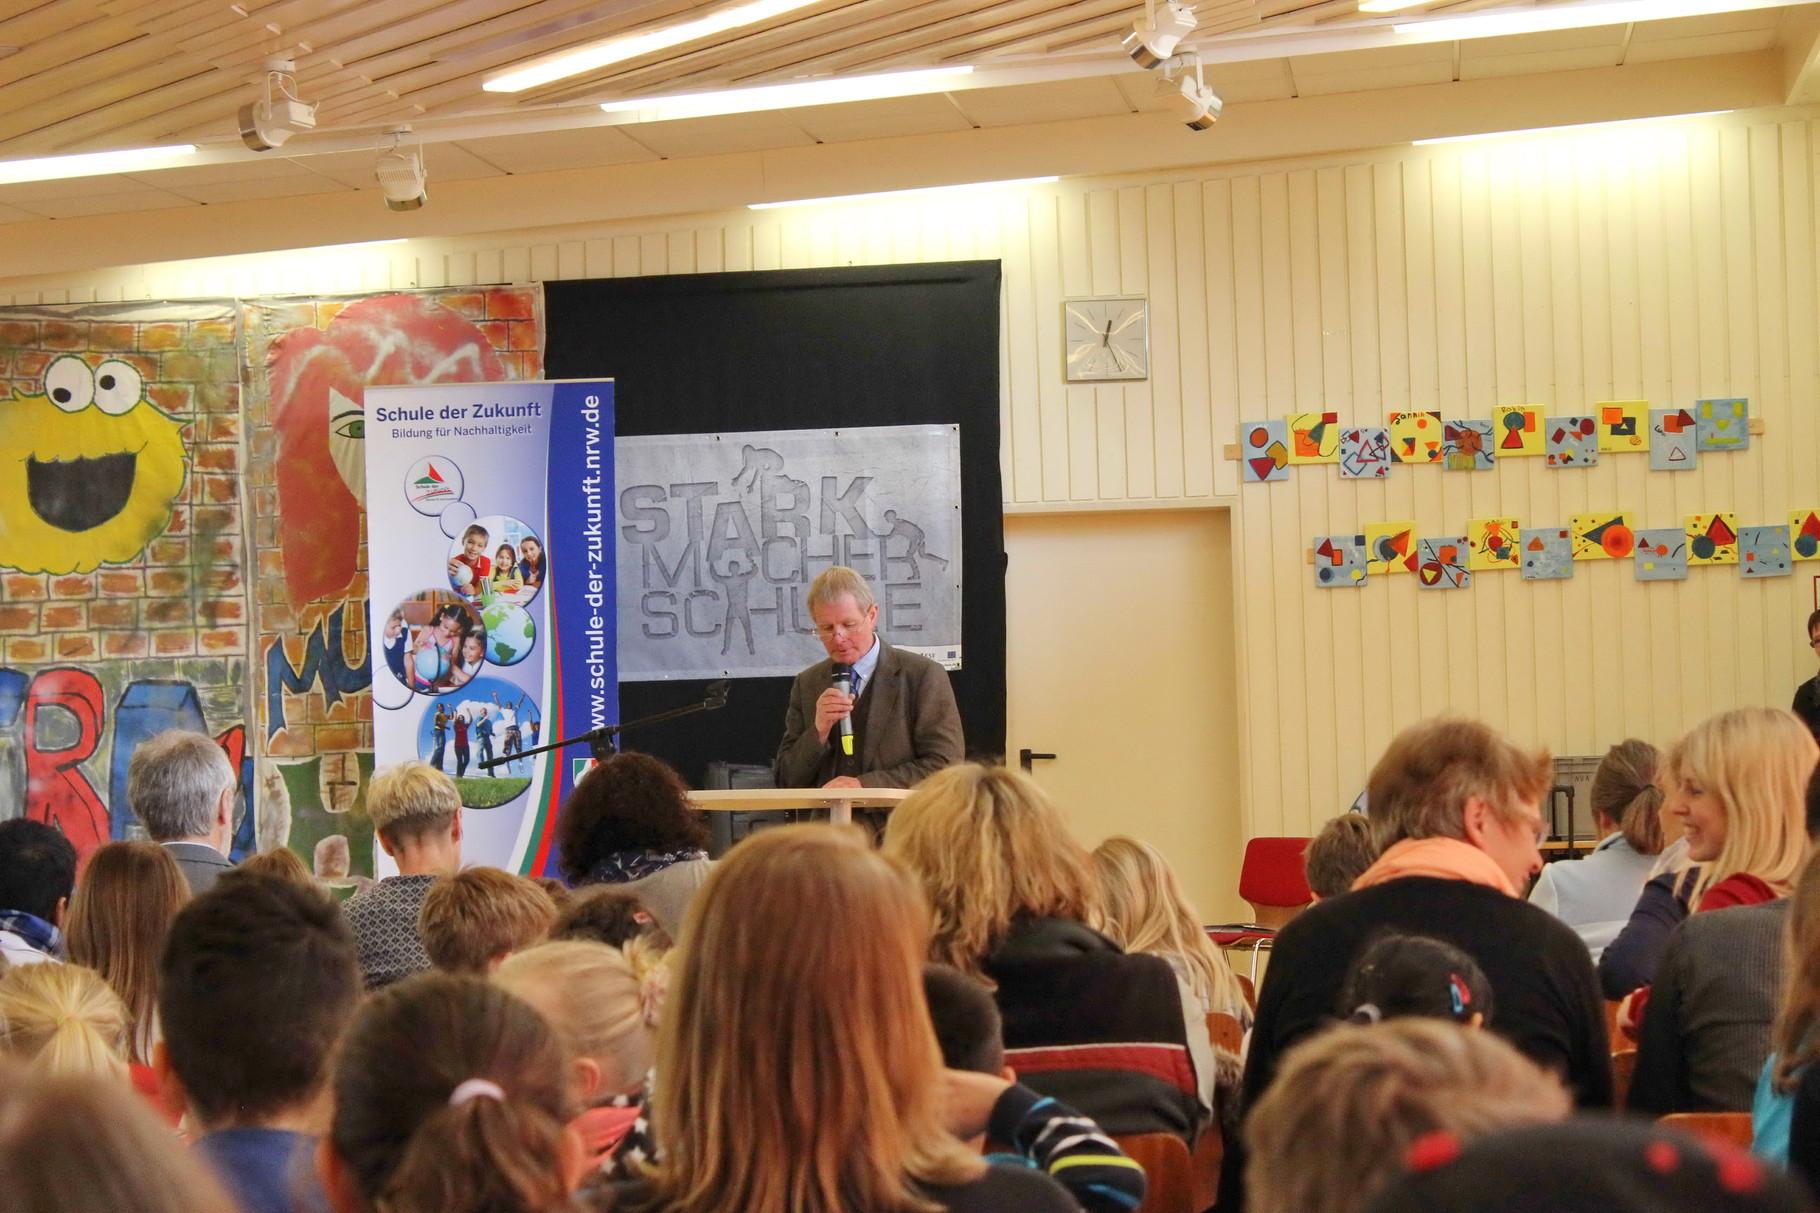 Lob von Dr. Thomas Delschen, Präsident des Landesamtes für Natur, Umwelt und Verbraucherschutz